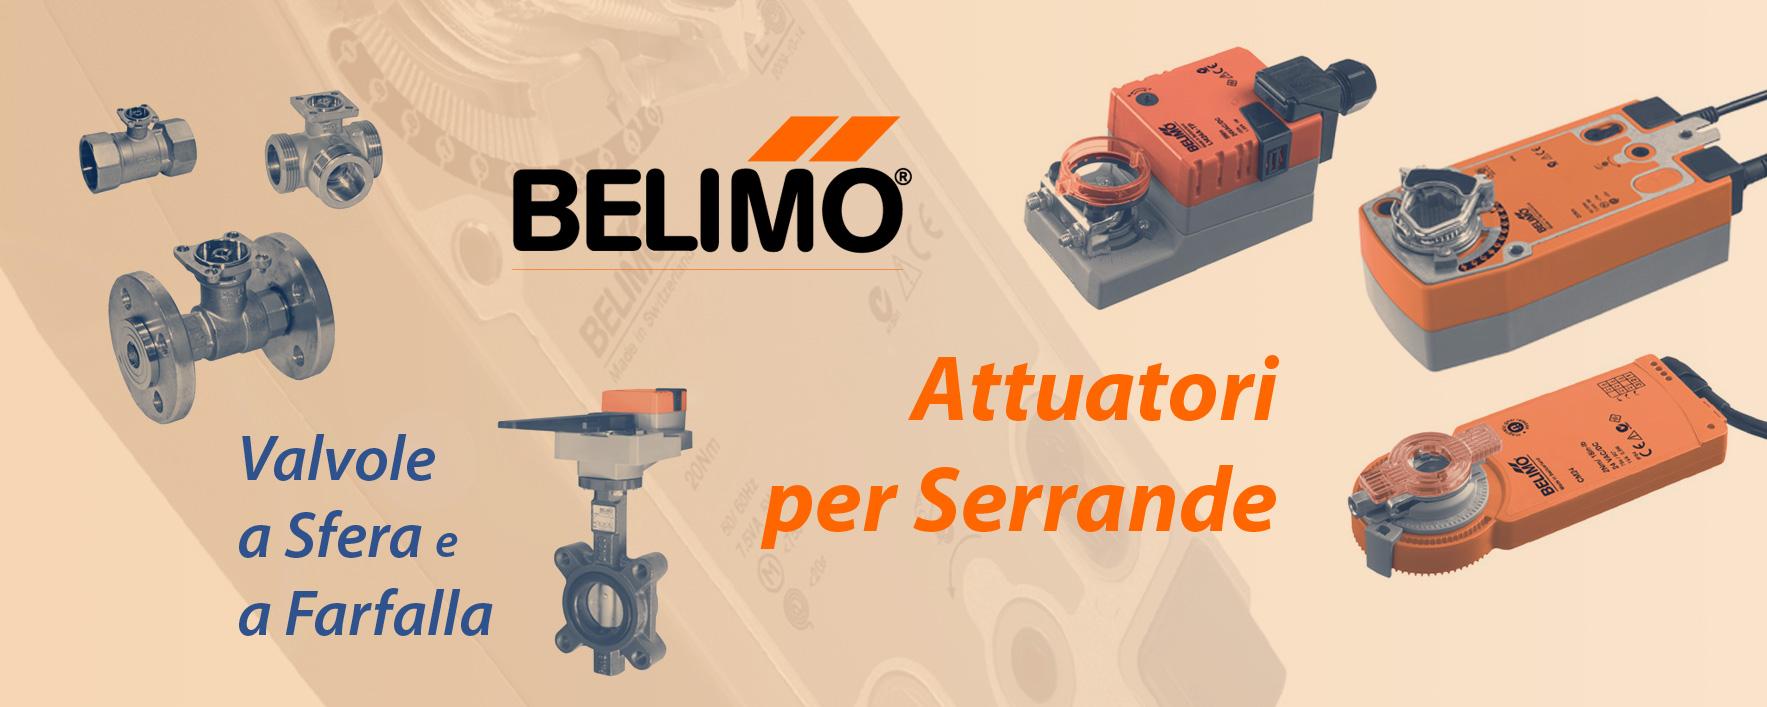 BELIMO - Clicca per acquistare prodotti BELIMO